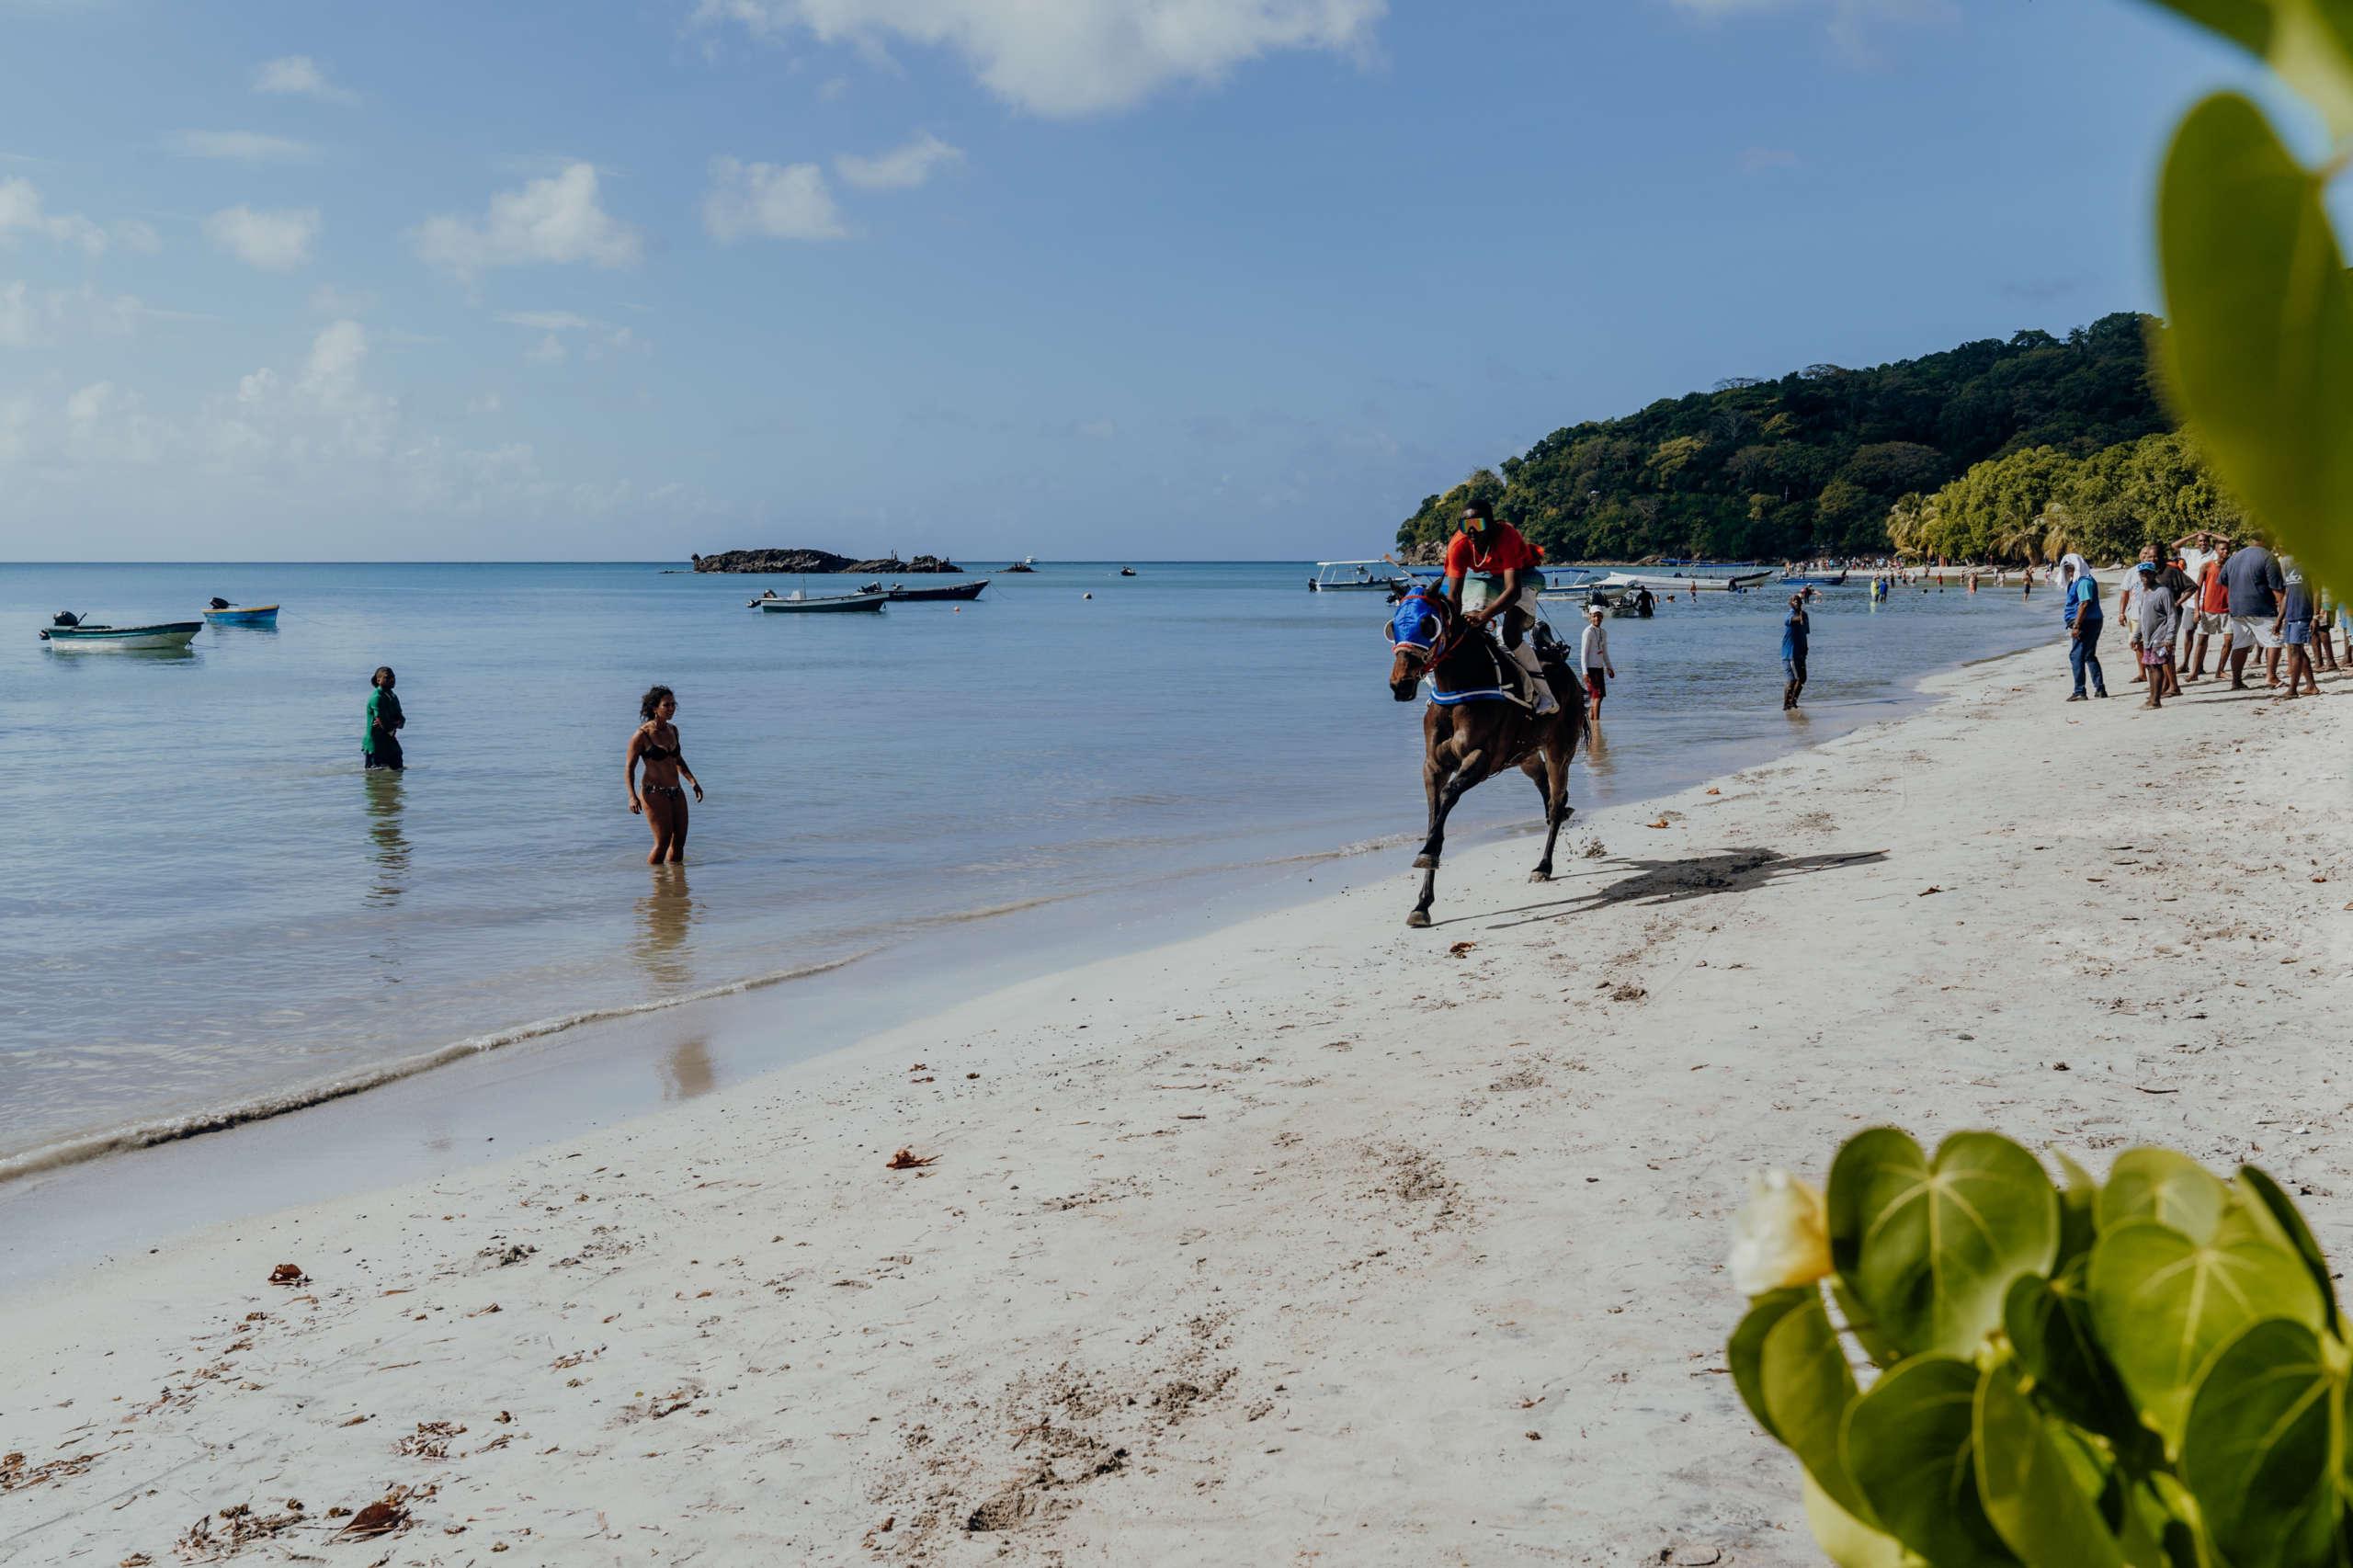 Ein Pferd das am Strand läuft.